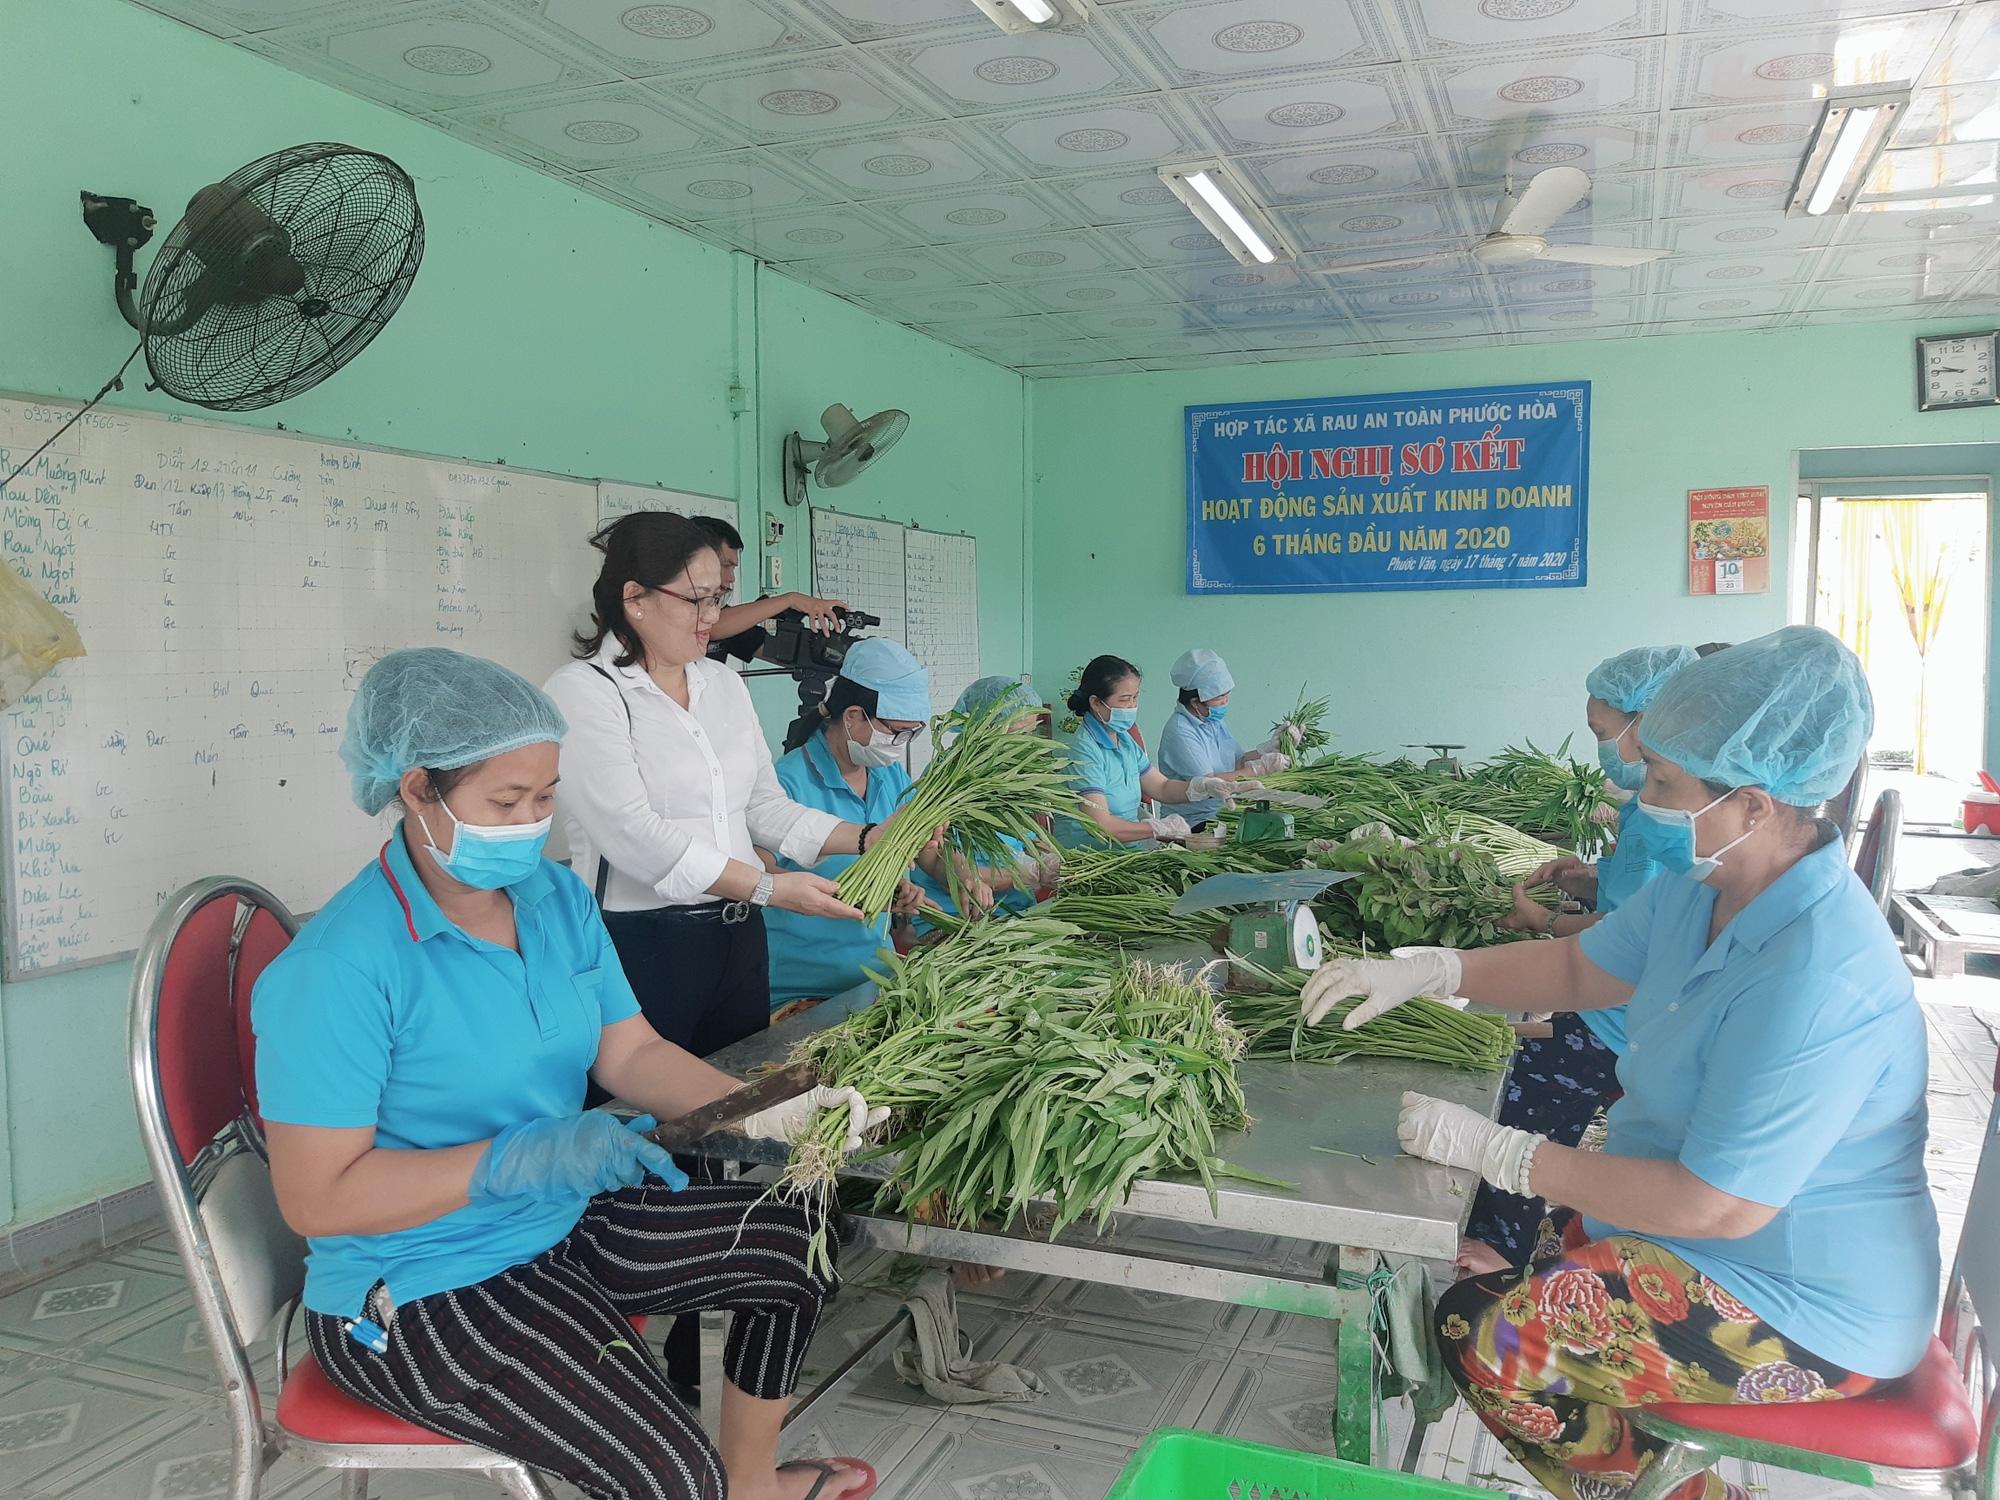 Agribank Đông Long An đồng hành với người dân trồng rau an toàn - Ảnh 3.